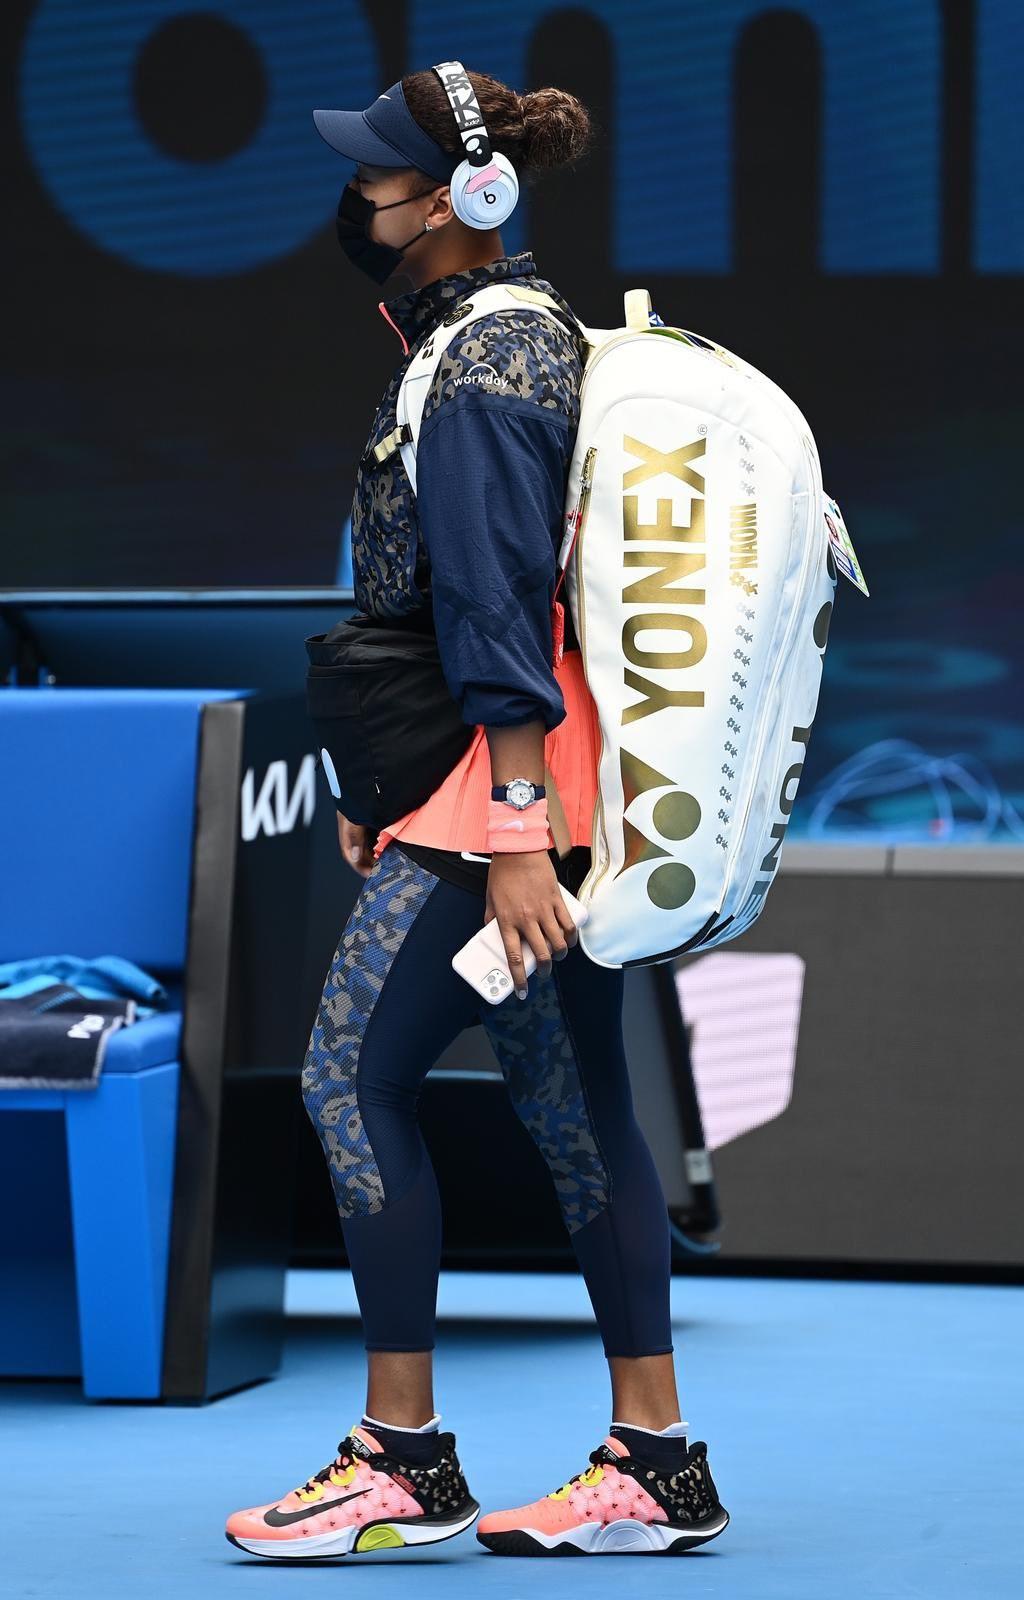 大坂直美在澳網期間被媒體捕捉到掛在球拍袋上的白虎御守(護身符),意外引發話題。(圖取自twitter.com/naomiosaka)